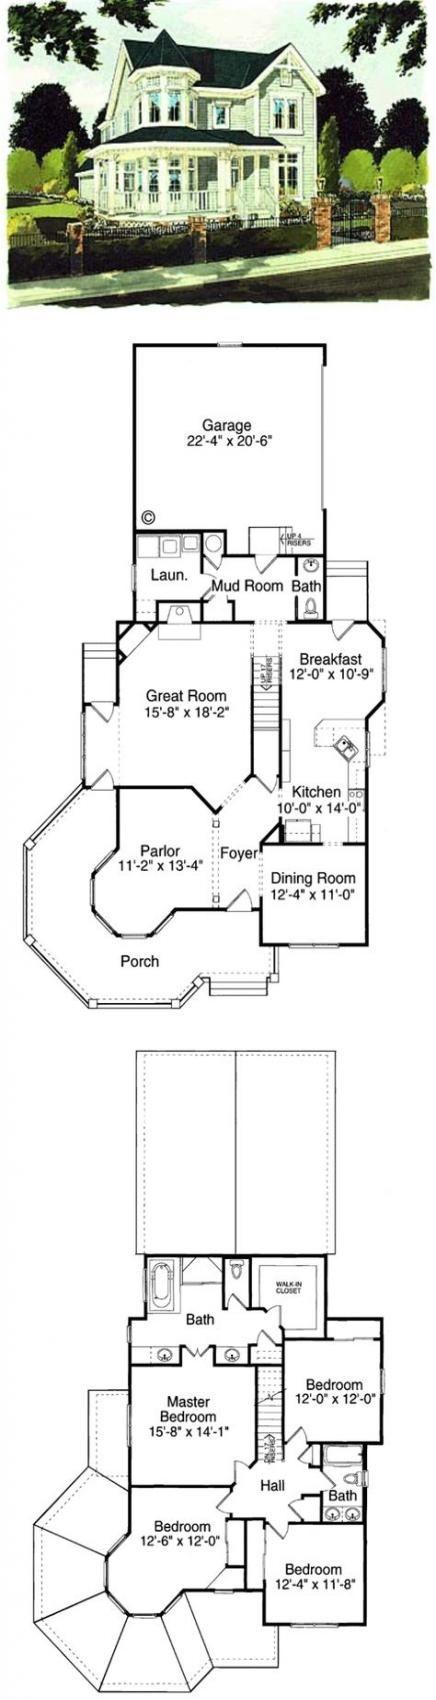 House Plans Small Farmhouse Bath 53 Trendy Ideas Victorian House Plans New House Plans House Plans Farmhouse